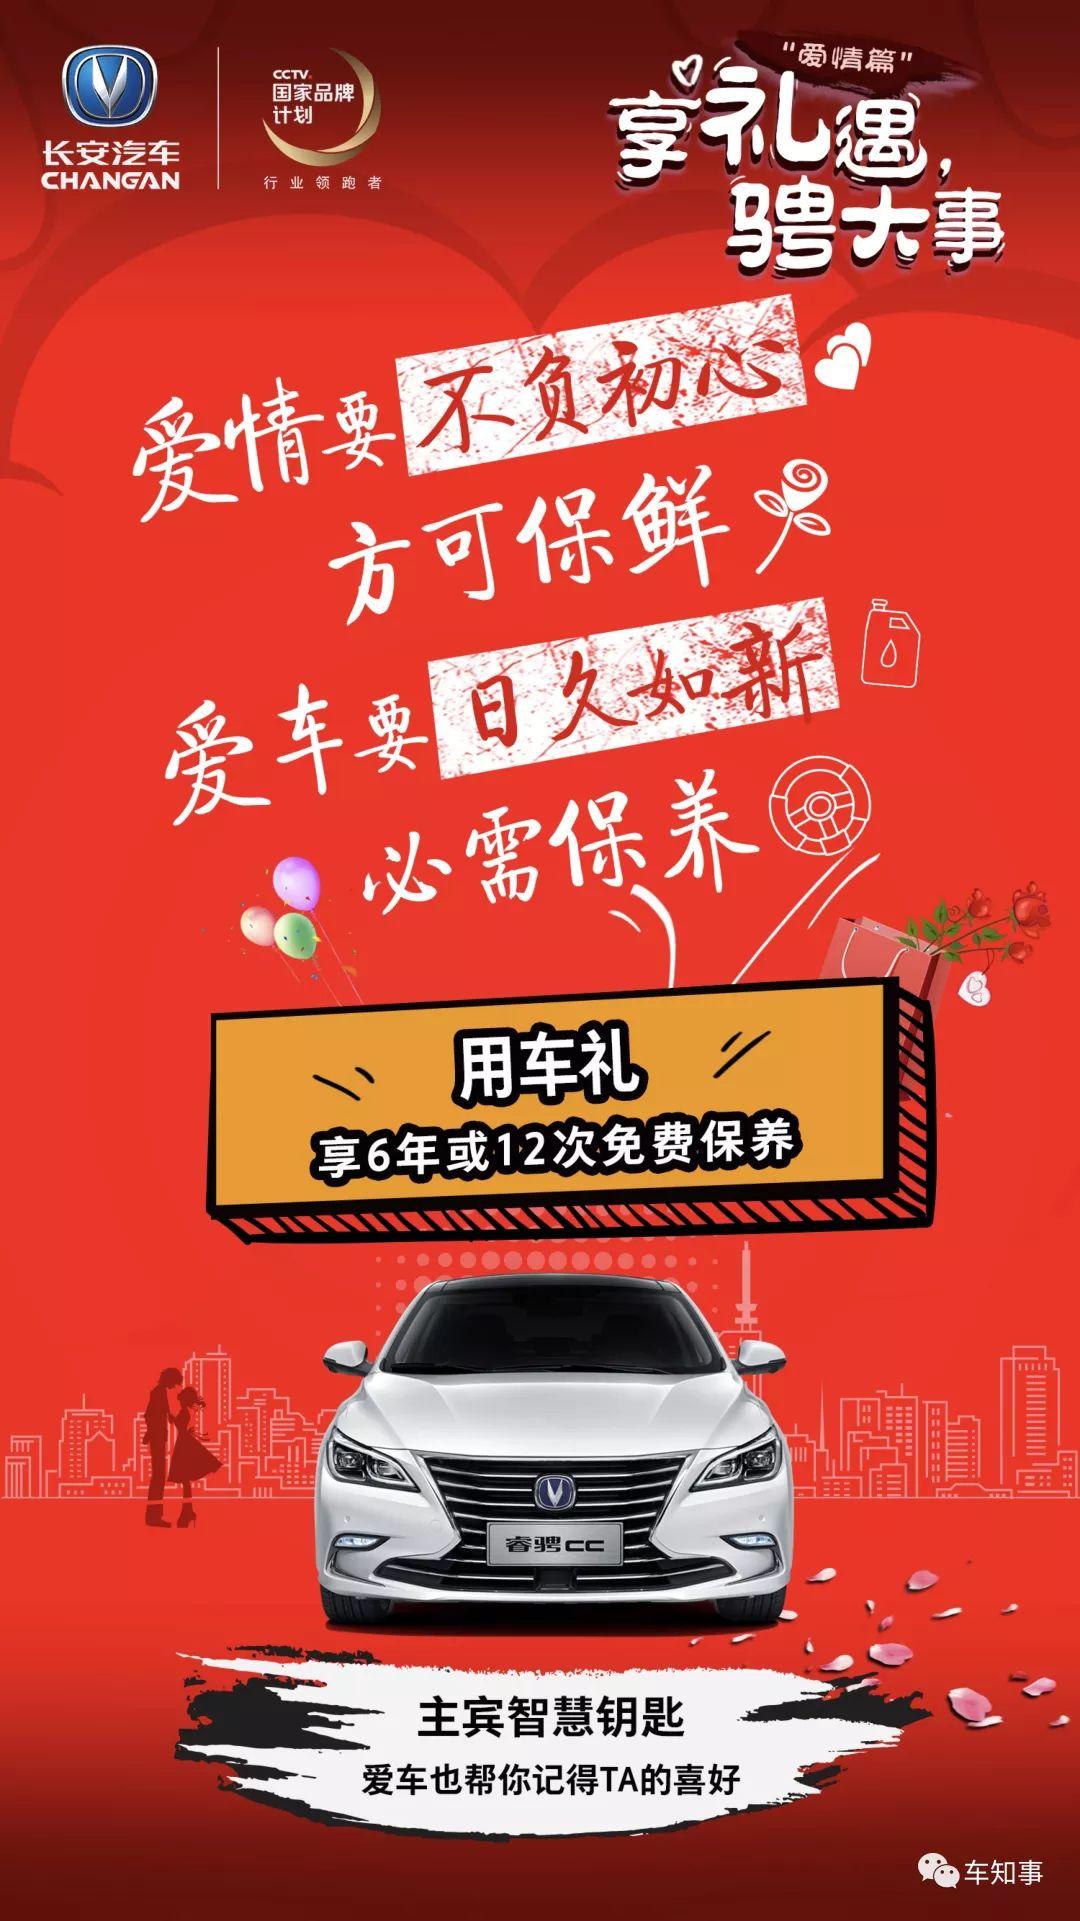 葡京唯一官方app网站 14